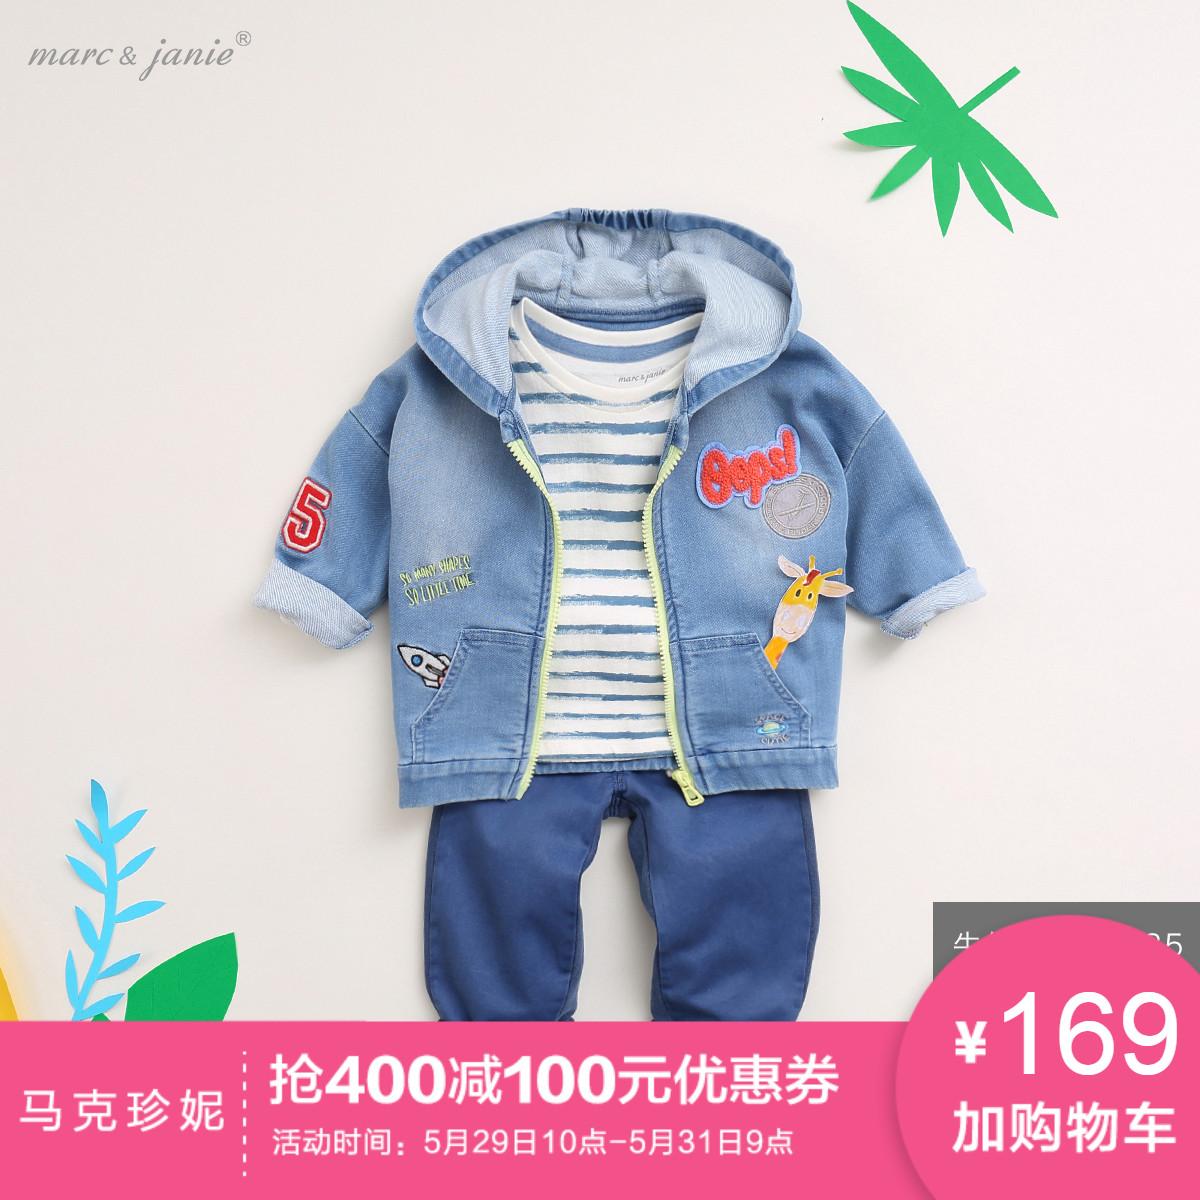 [淘寶網] marcjanie馬克珍妮2018春裝男童時尚水洗針織牛仔外套70035